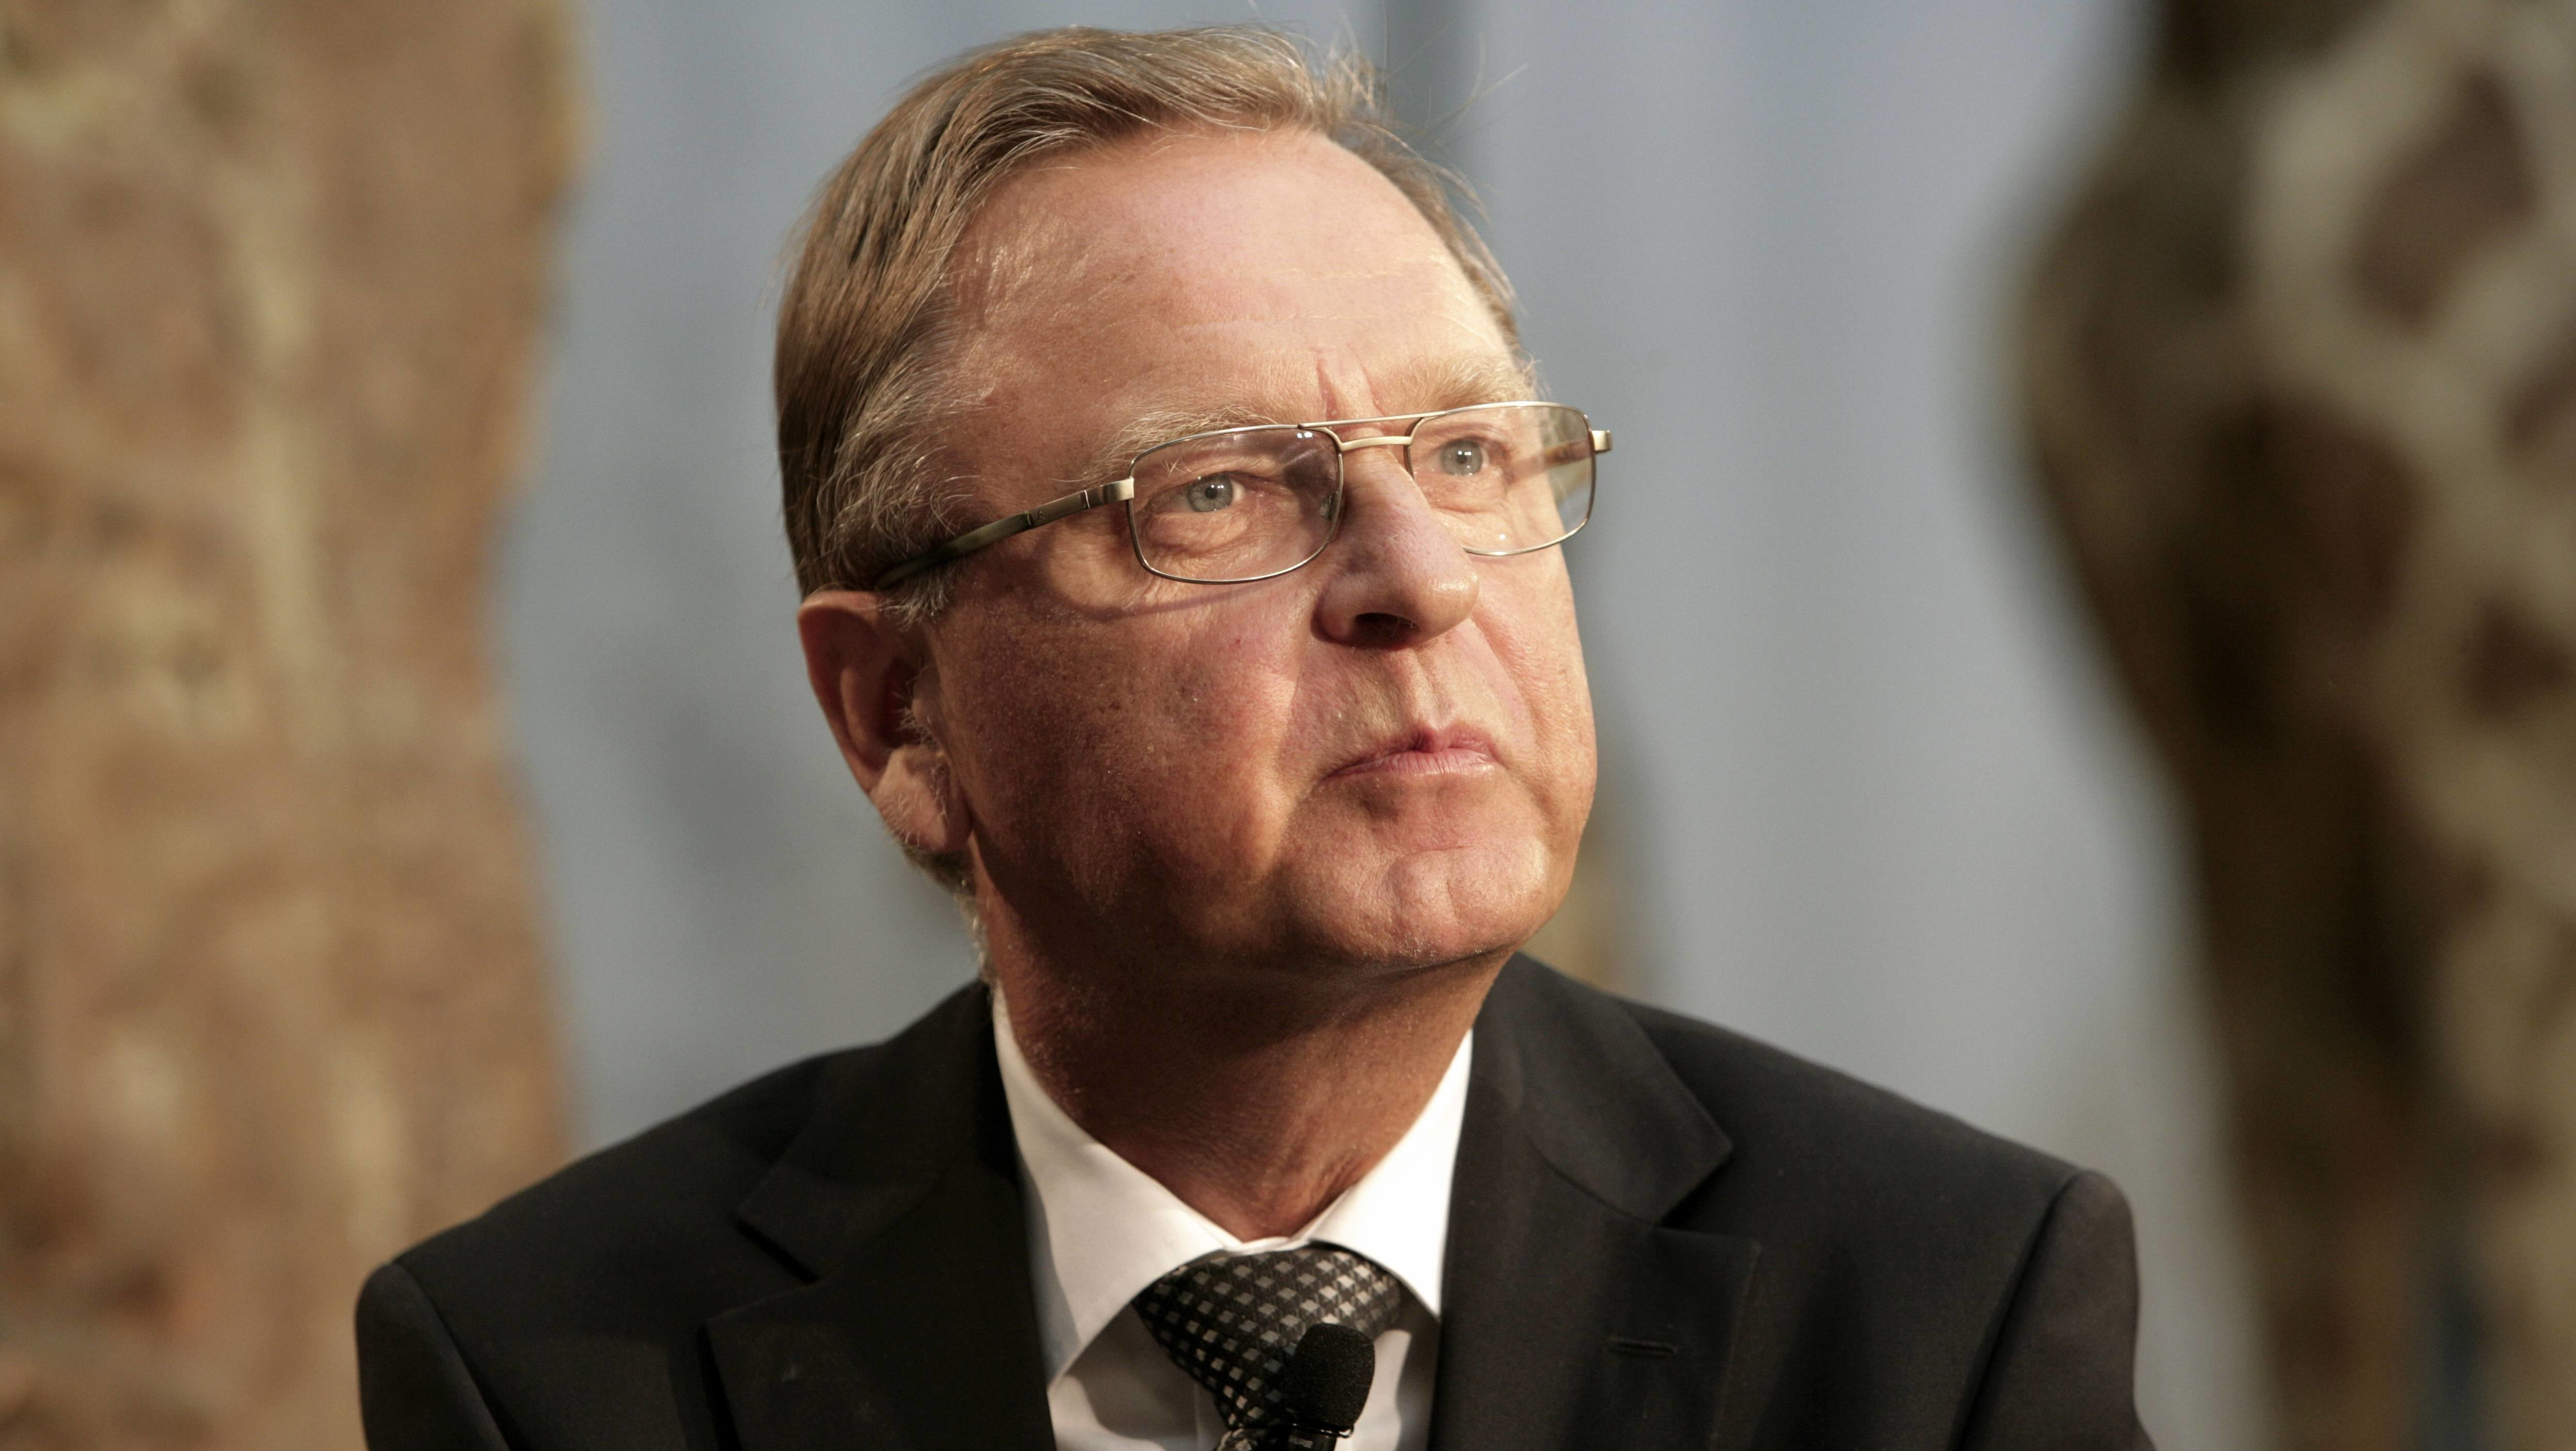 Hans-Jürgen Papier, der ehemalige Präsident des Bundesverfassungsgerichts, blickt in die Ferne.